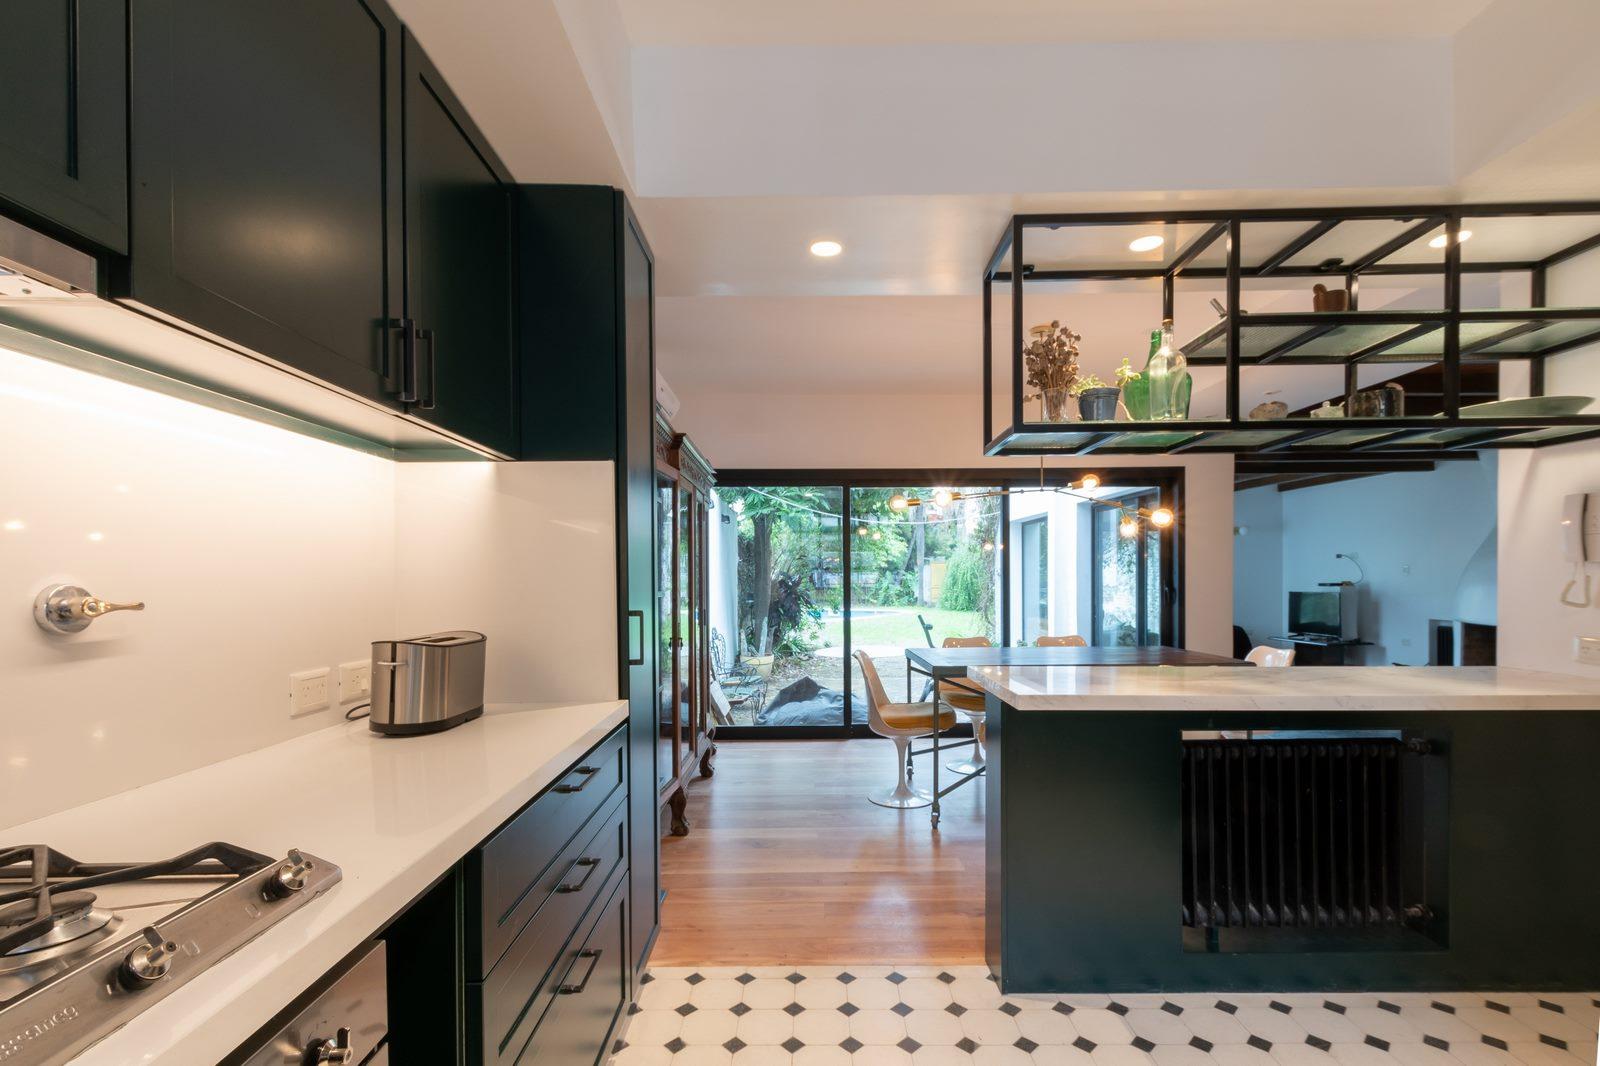 Casa en Quesada - Octava Arquitectura 12